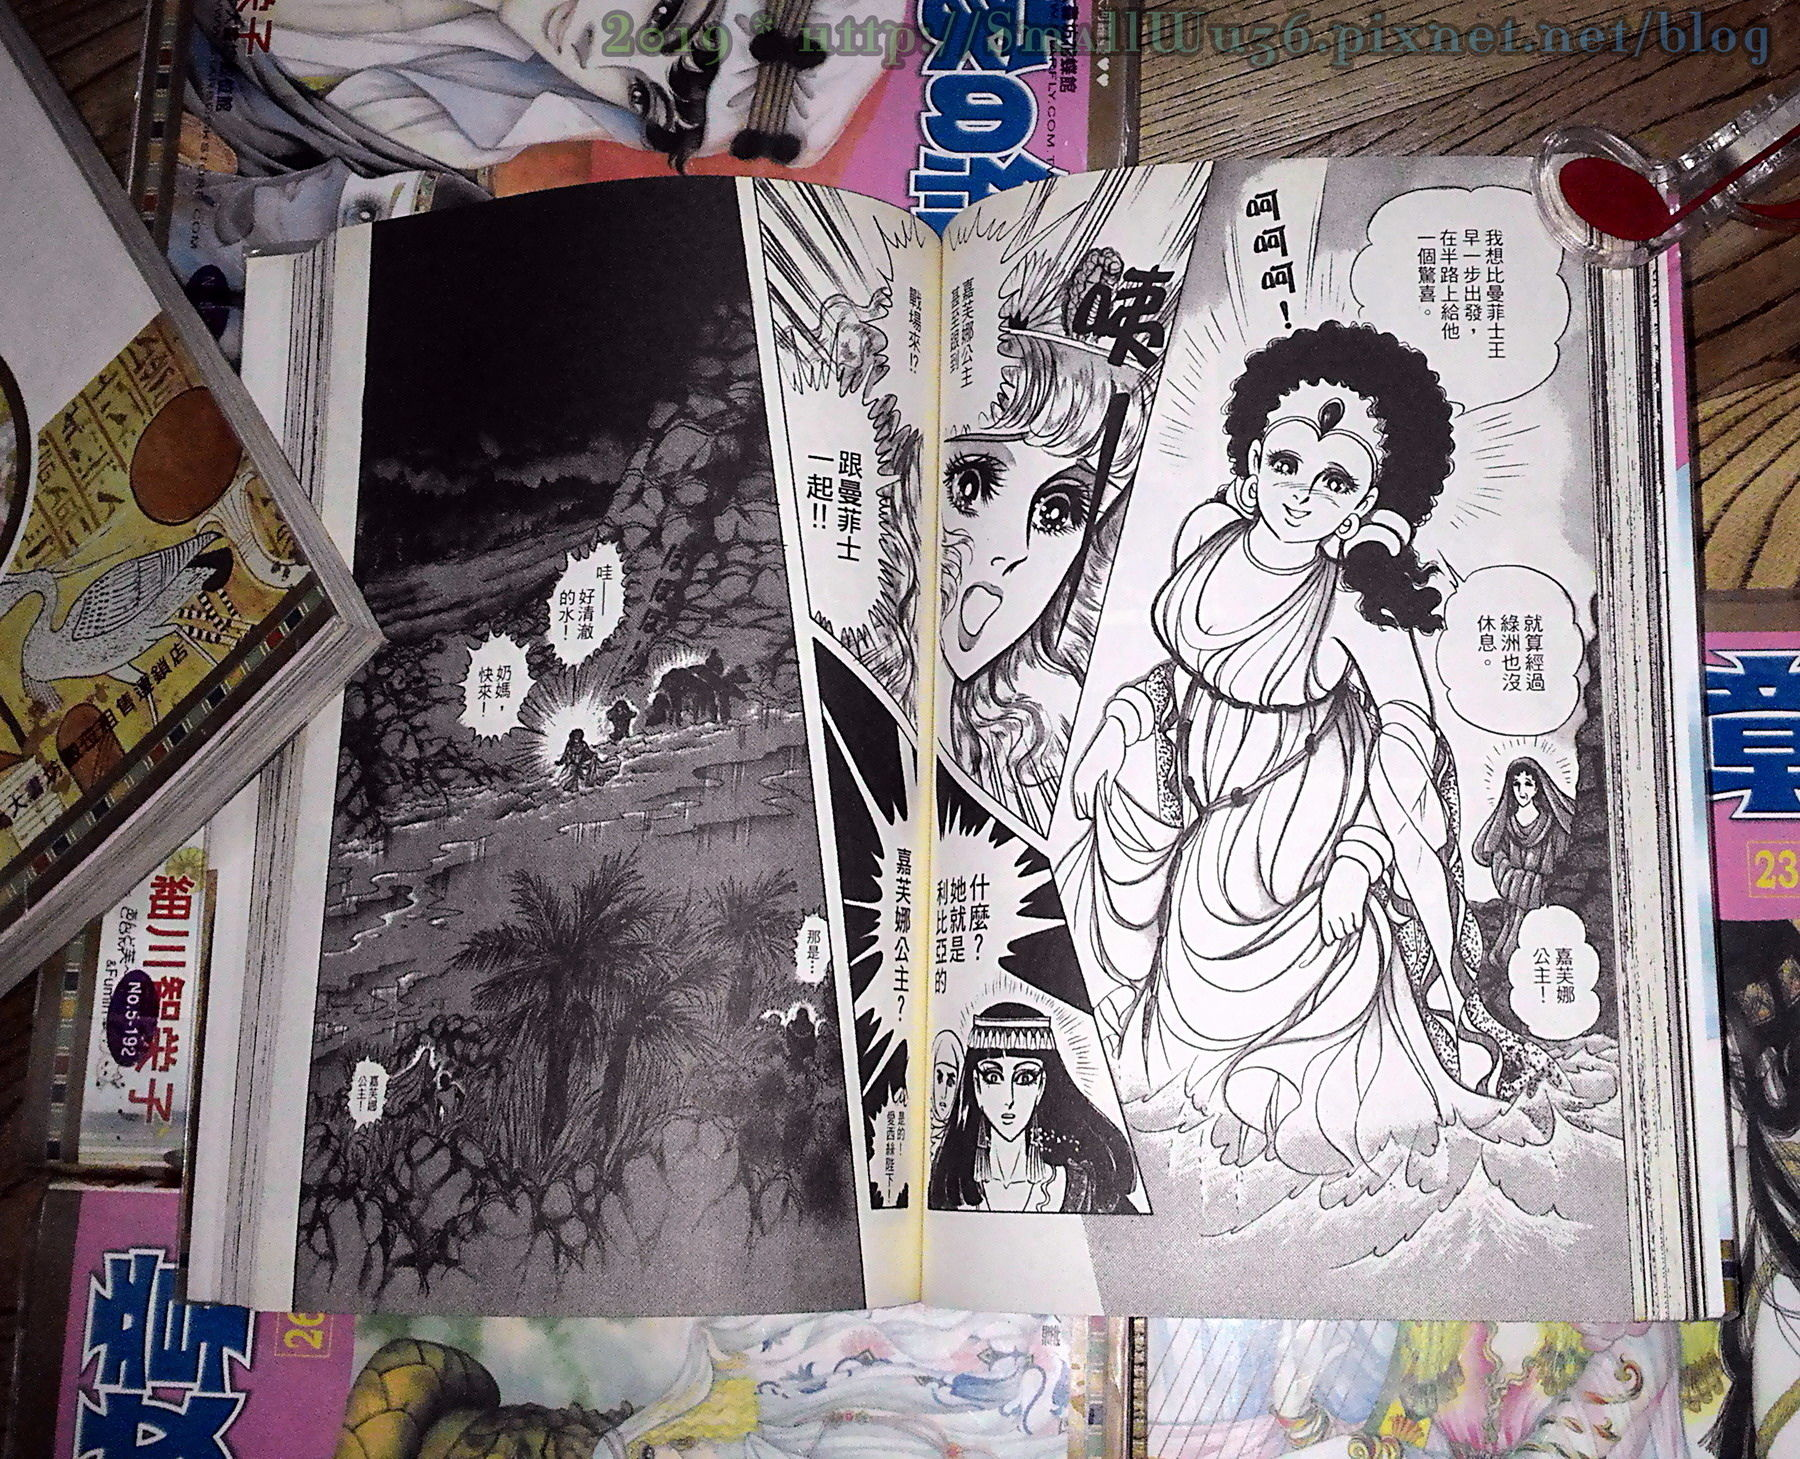 細川智榮子-王家的紋章(尼羅河女兒) 11-26 (長鴻)  vol_25.jpg